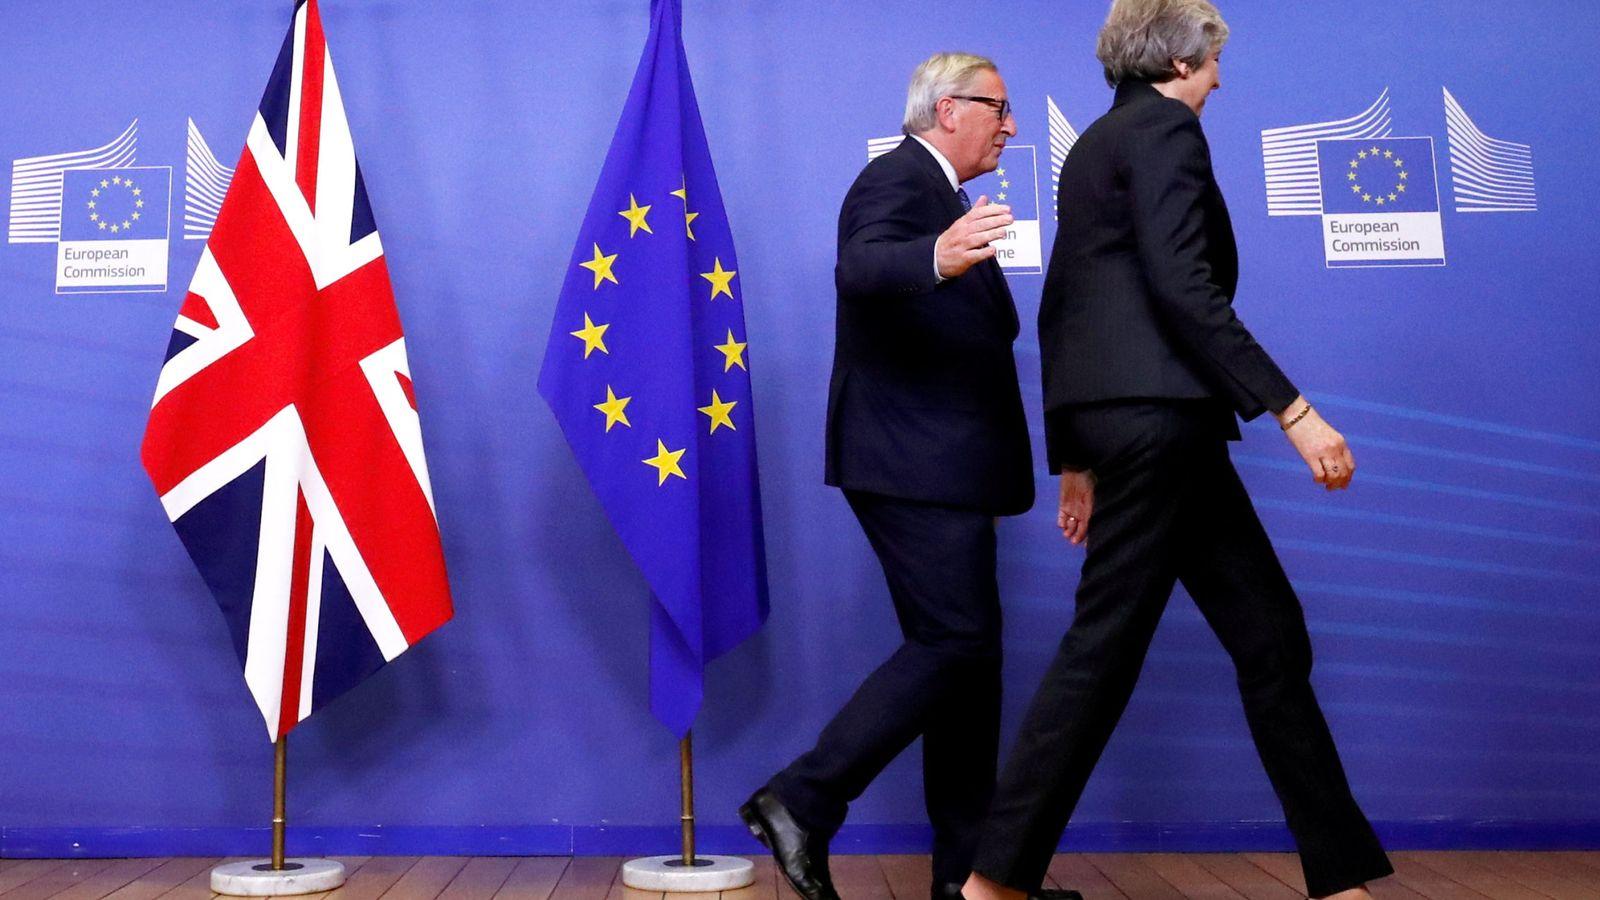 Foto: Theresa May y Jean-Claude Juncker, en Bruselas, el 21 de noviembre de 2018. (Reuters)